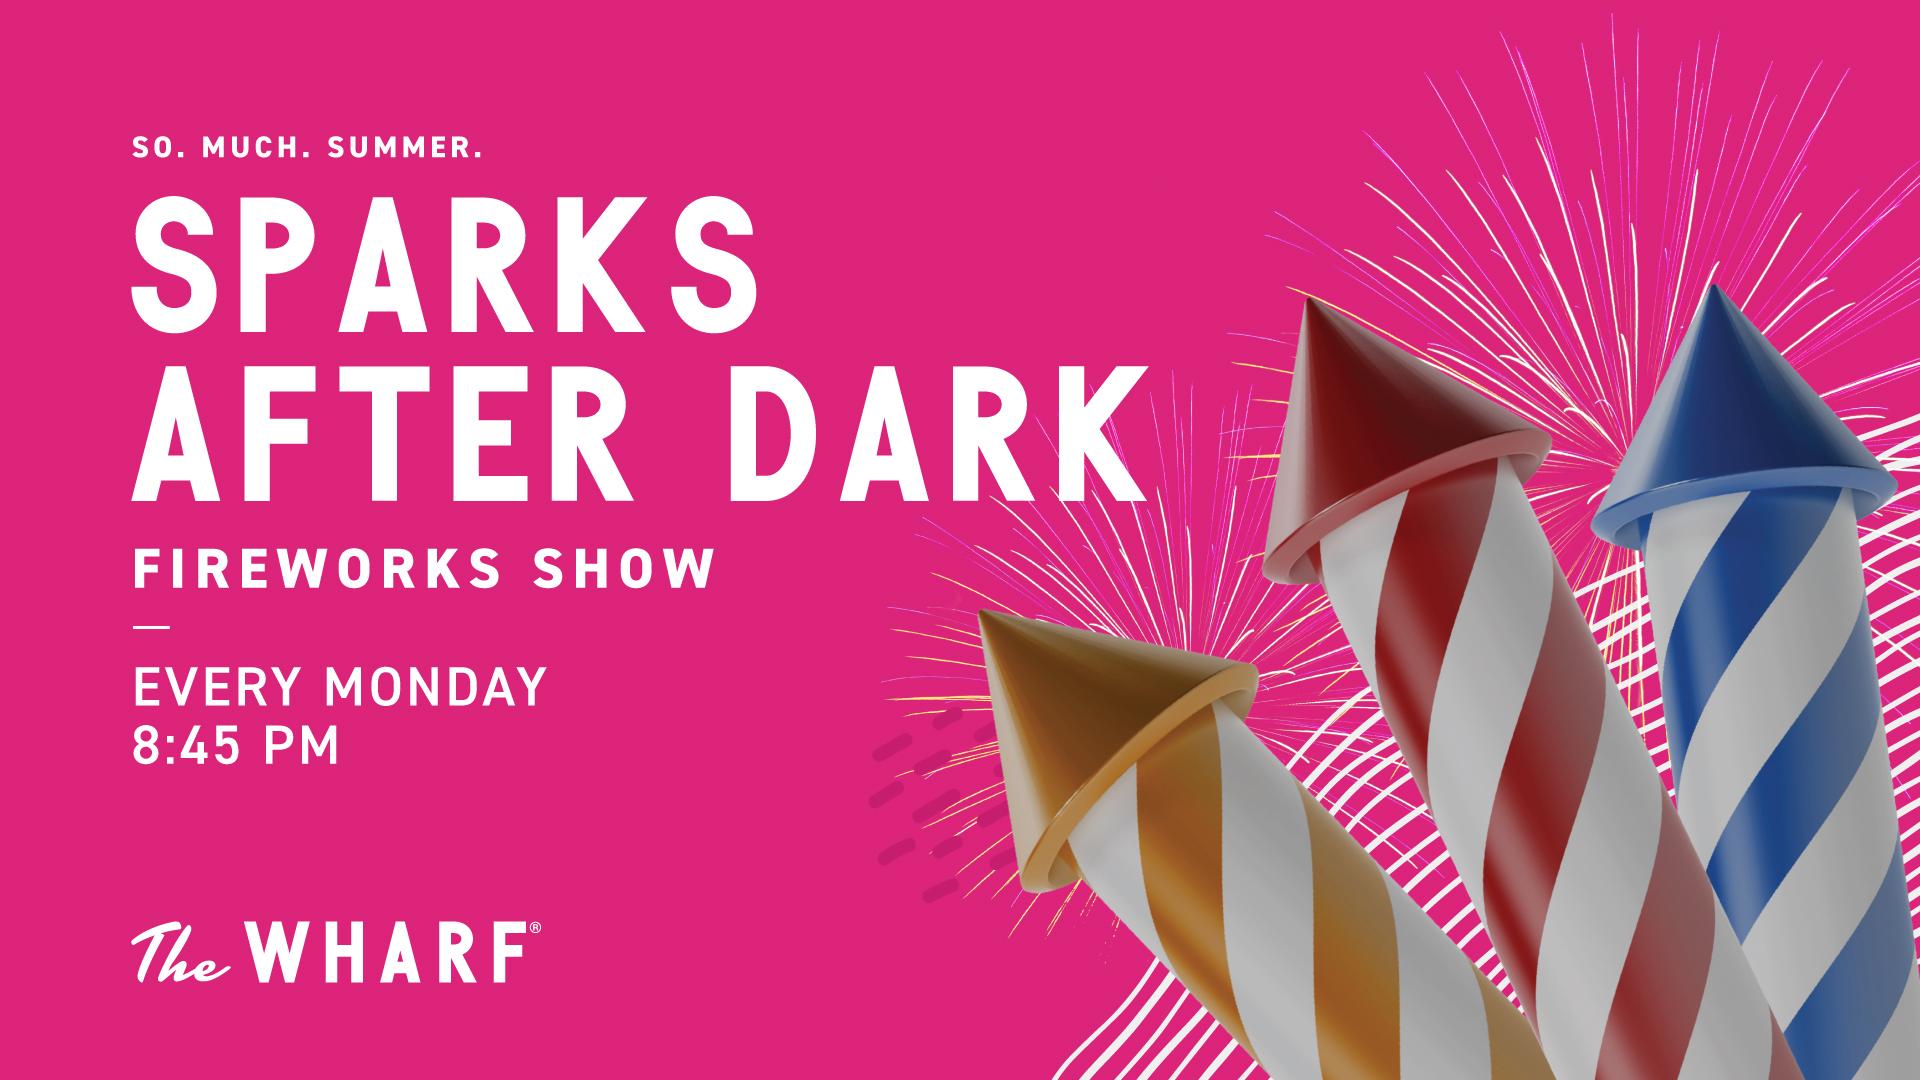 Sparks After Dark